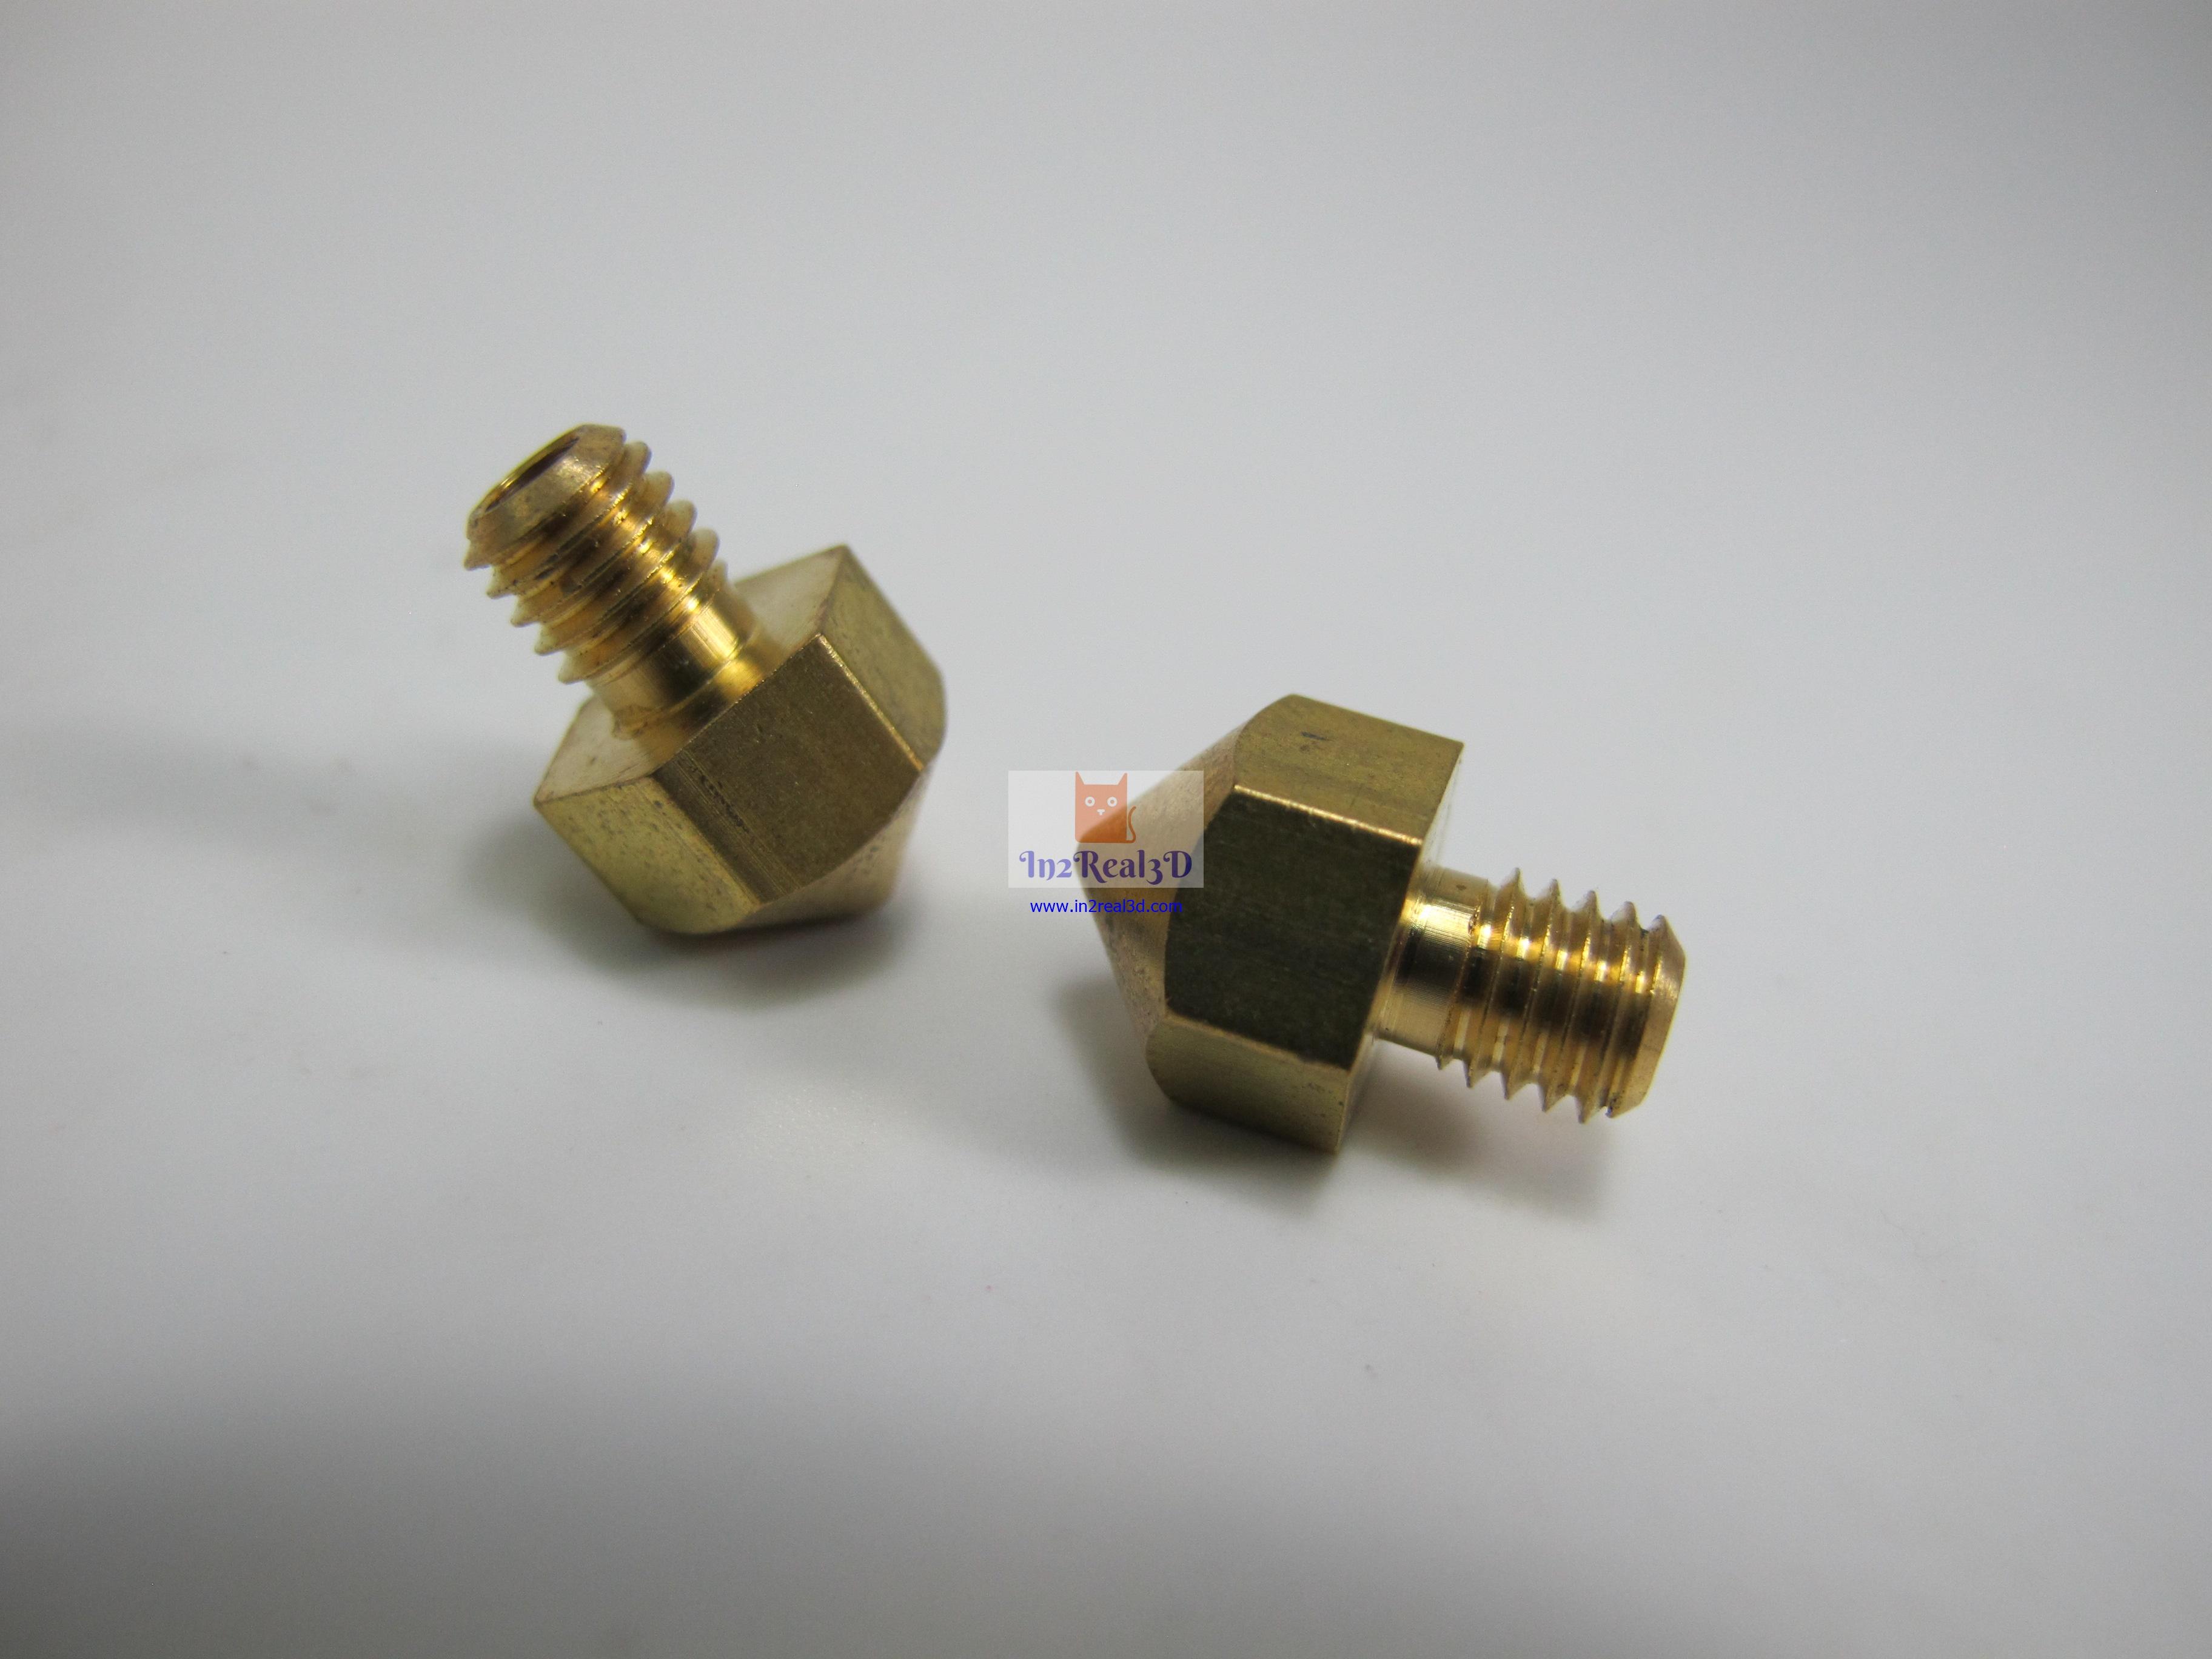 Nozzle (Ultimaker 2) Dia. 0.4 mm